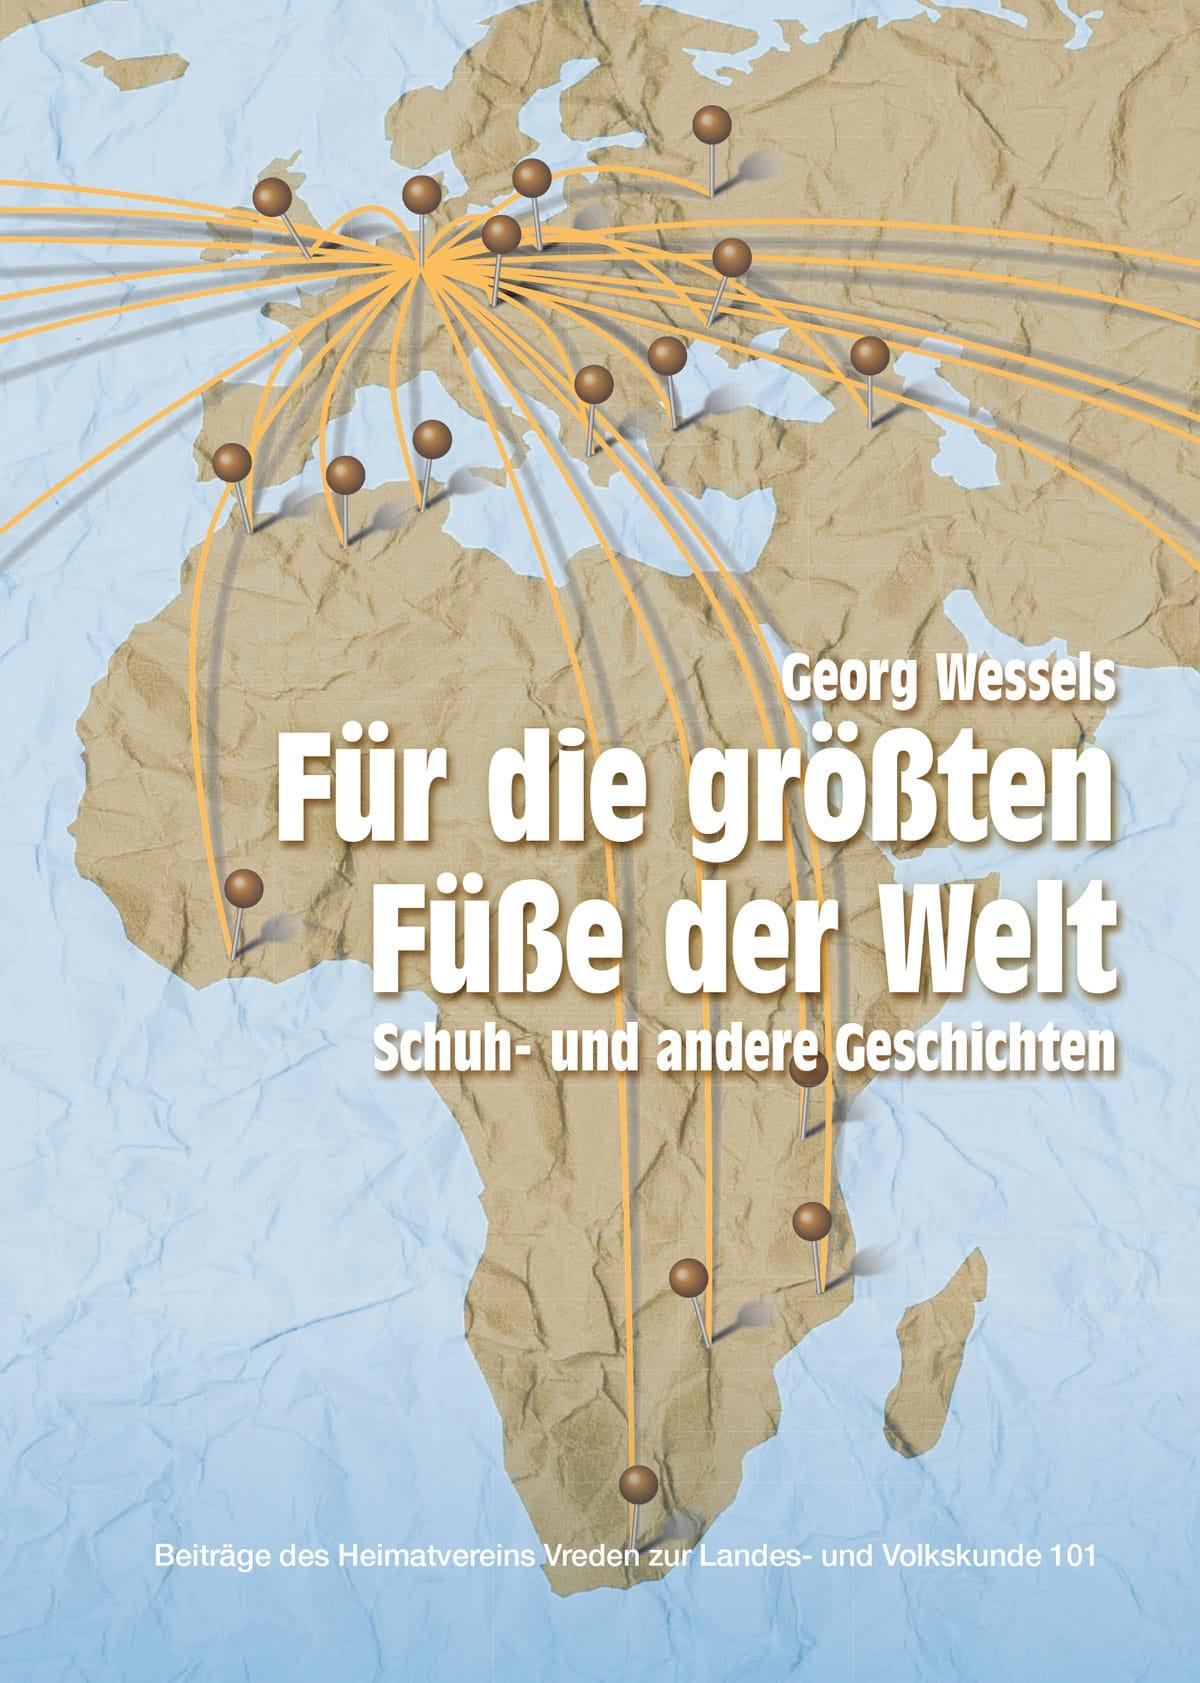 GeorgWessels-Bio-Titel-RGB